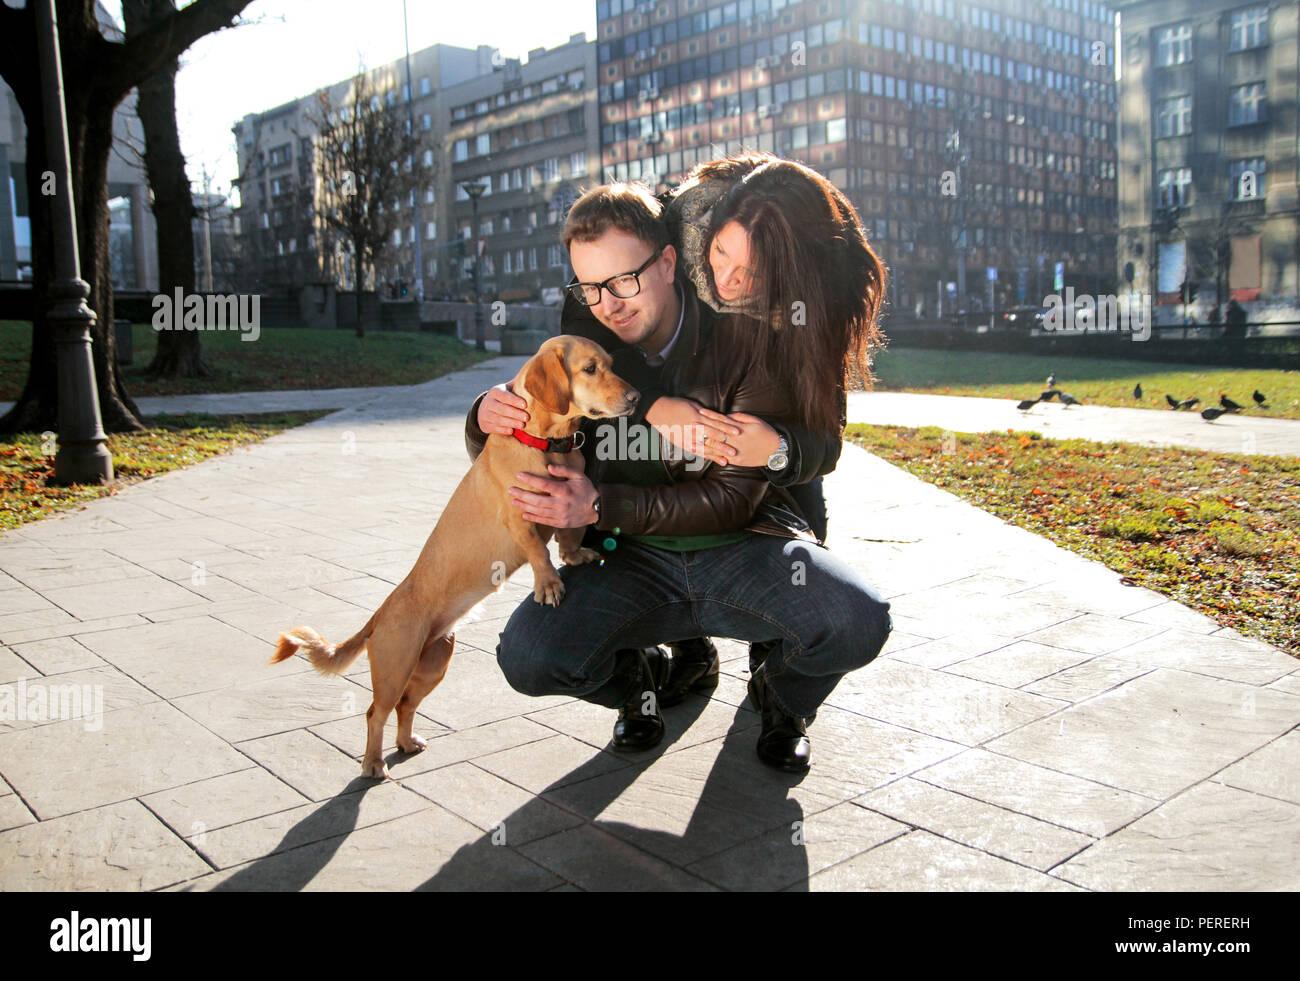 Petite amie hugging jeune homme alors qu'il accroupi et caresser le chien et bénéficient tous d'une belle journée dans le parc. Jeune couple heureux avec chien profiter. Photo Stock